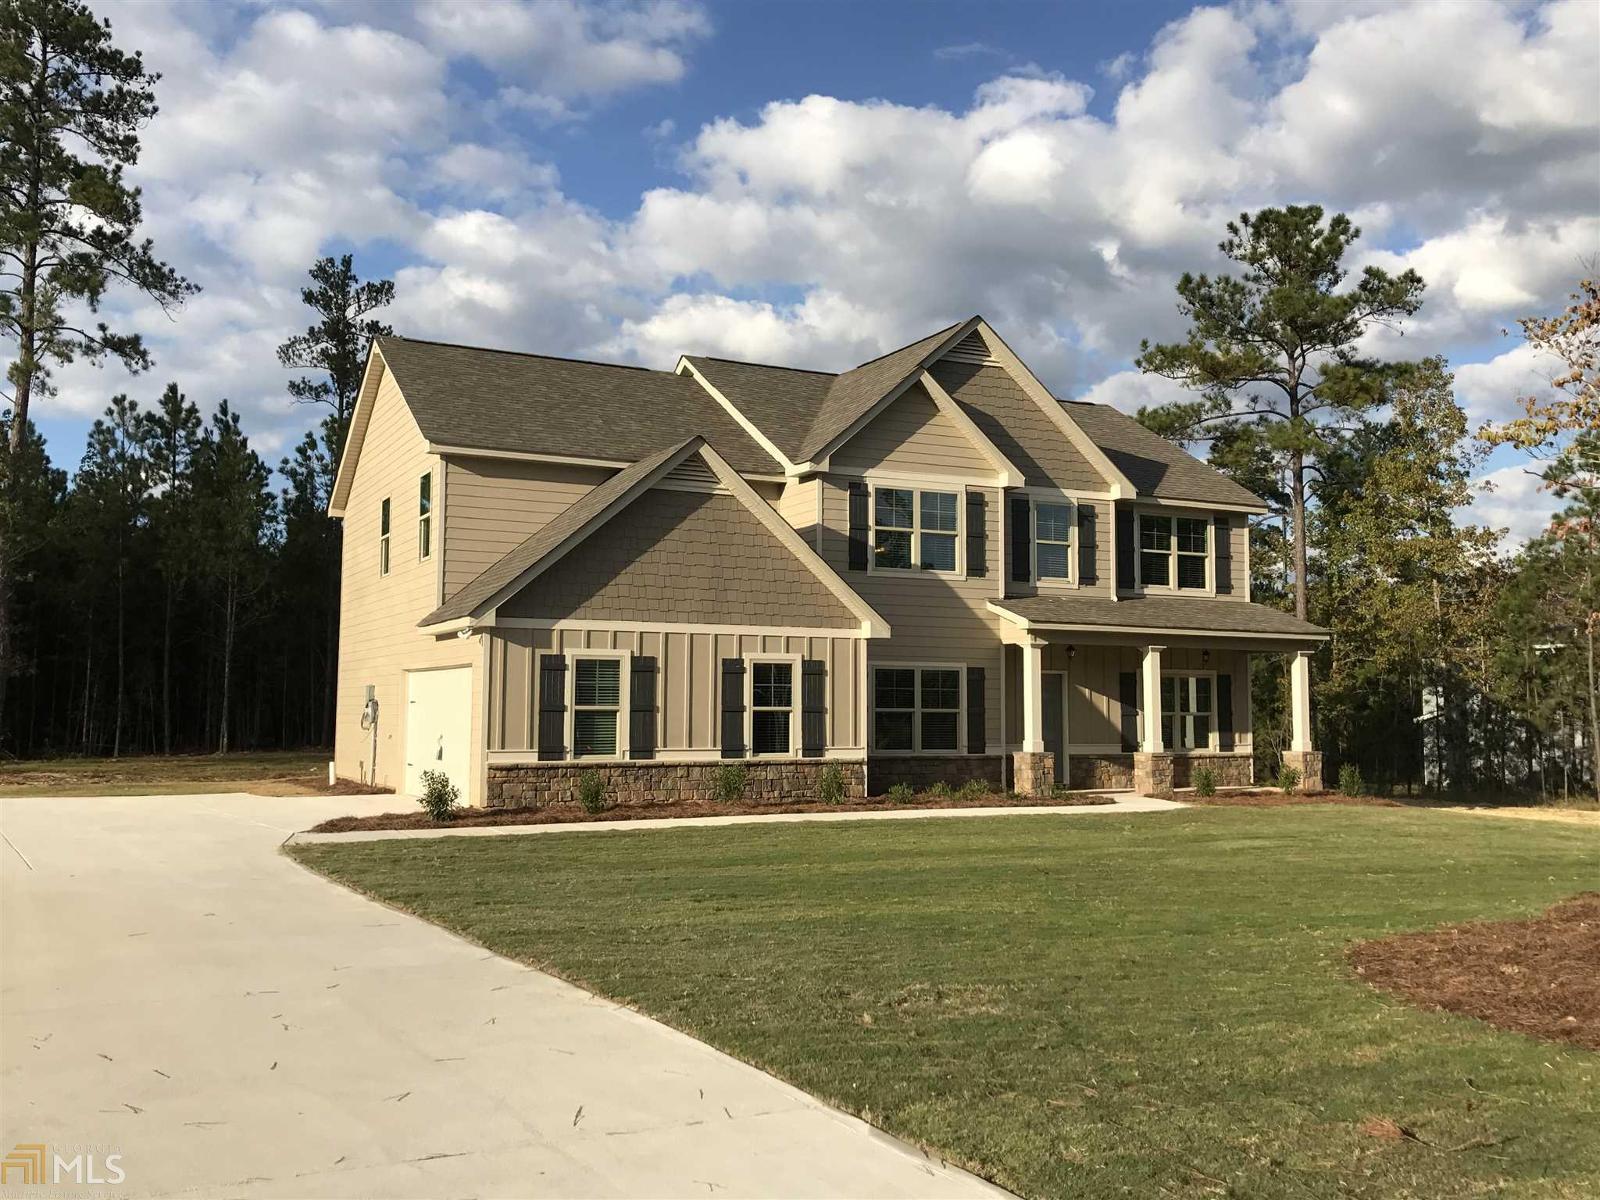 174 stone gate dr lagrange ga mls 8205052 better for Home builders lagrange ga